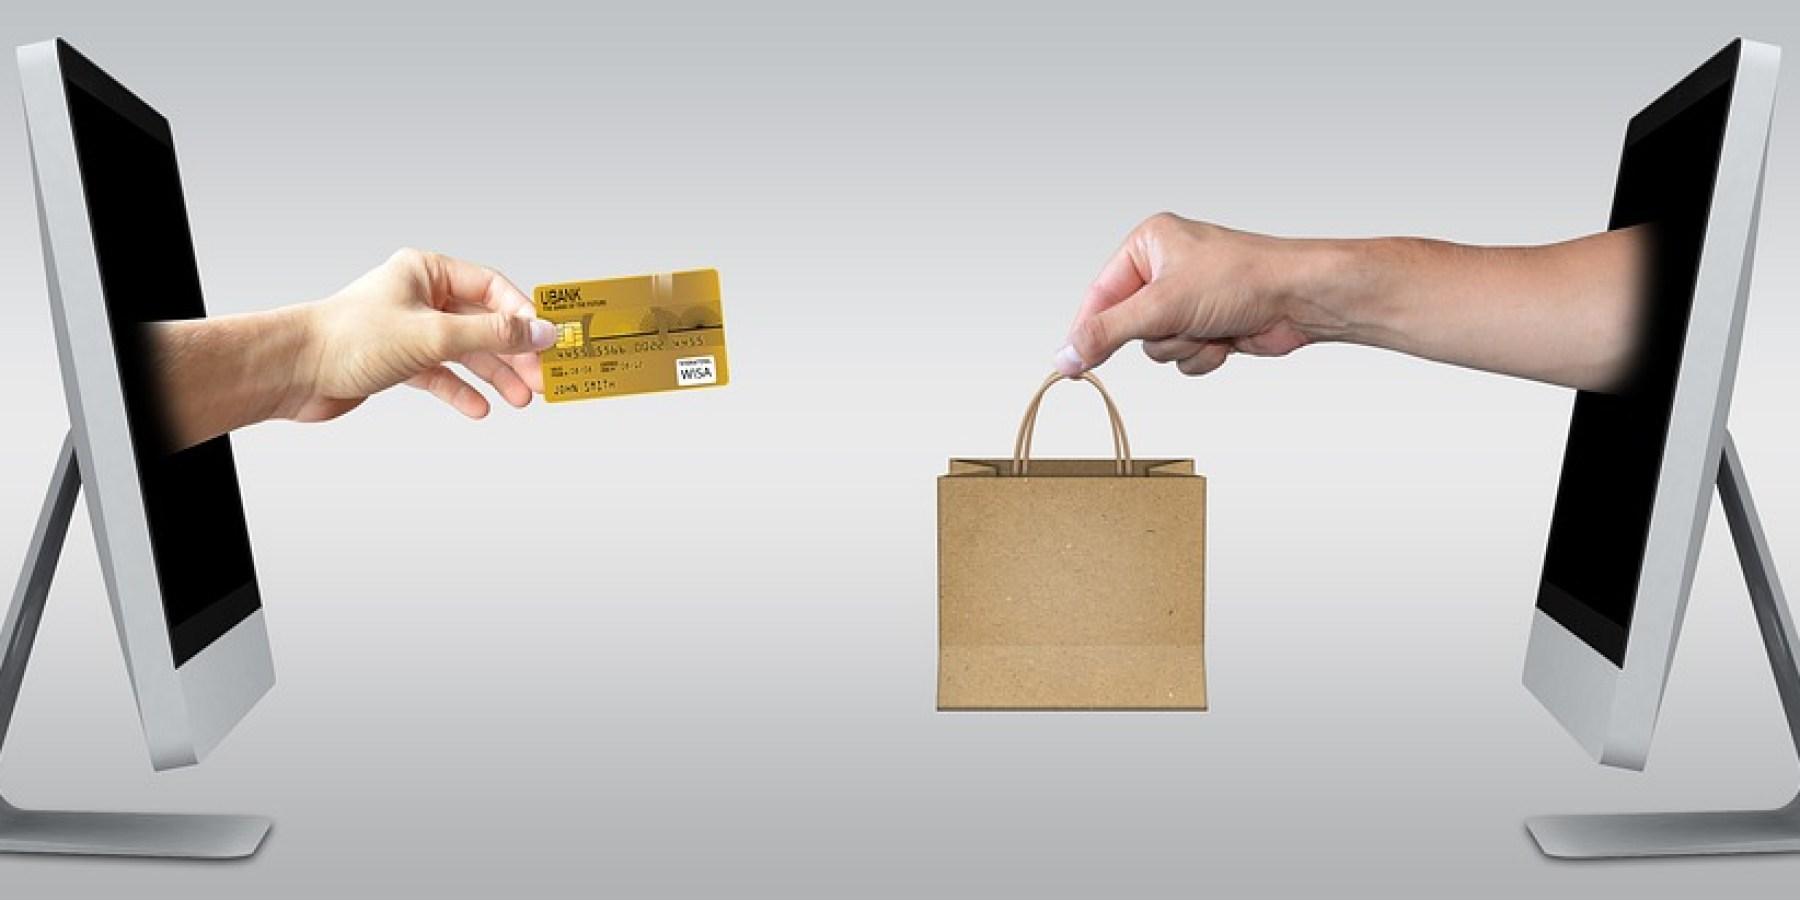 Einkaufserlebnis und Kartenspaß